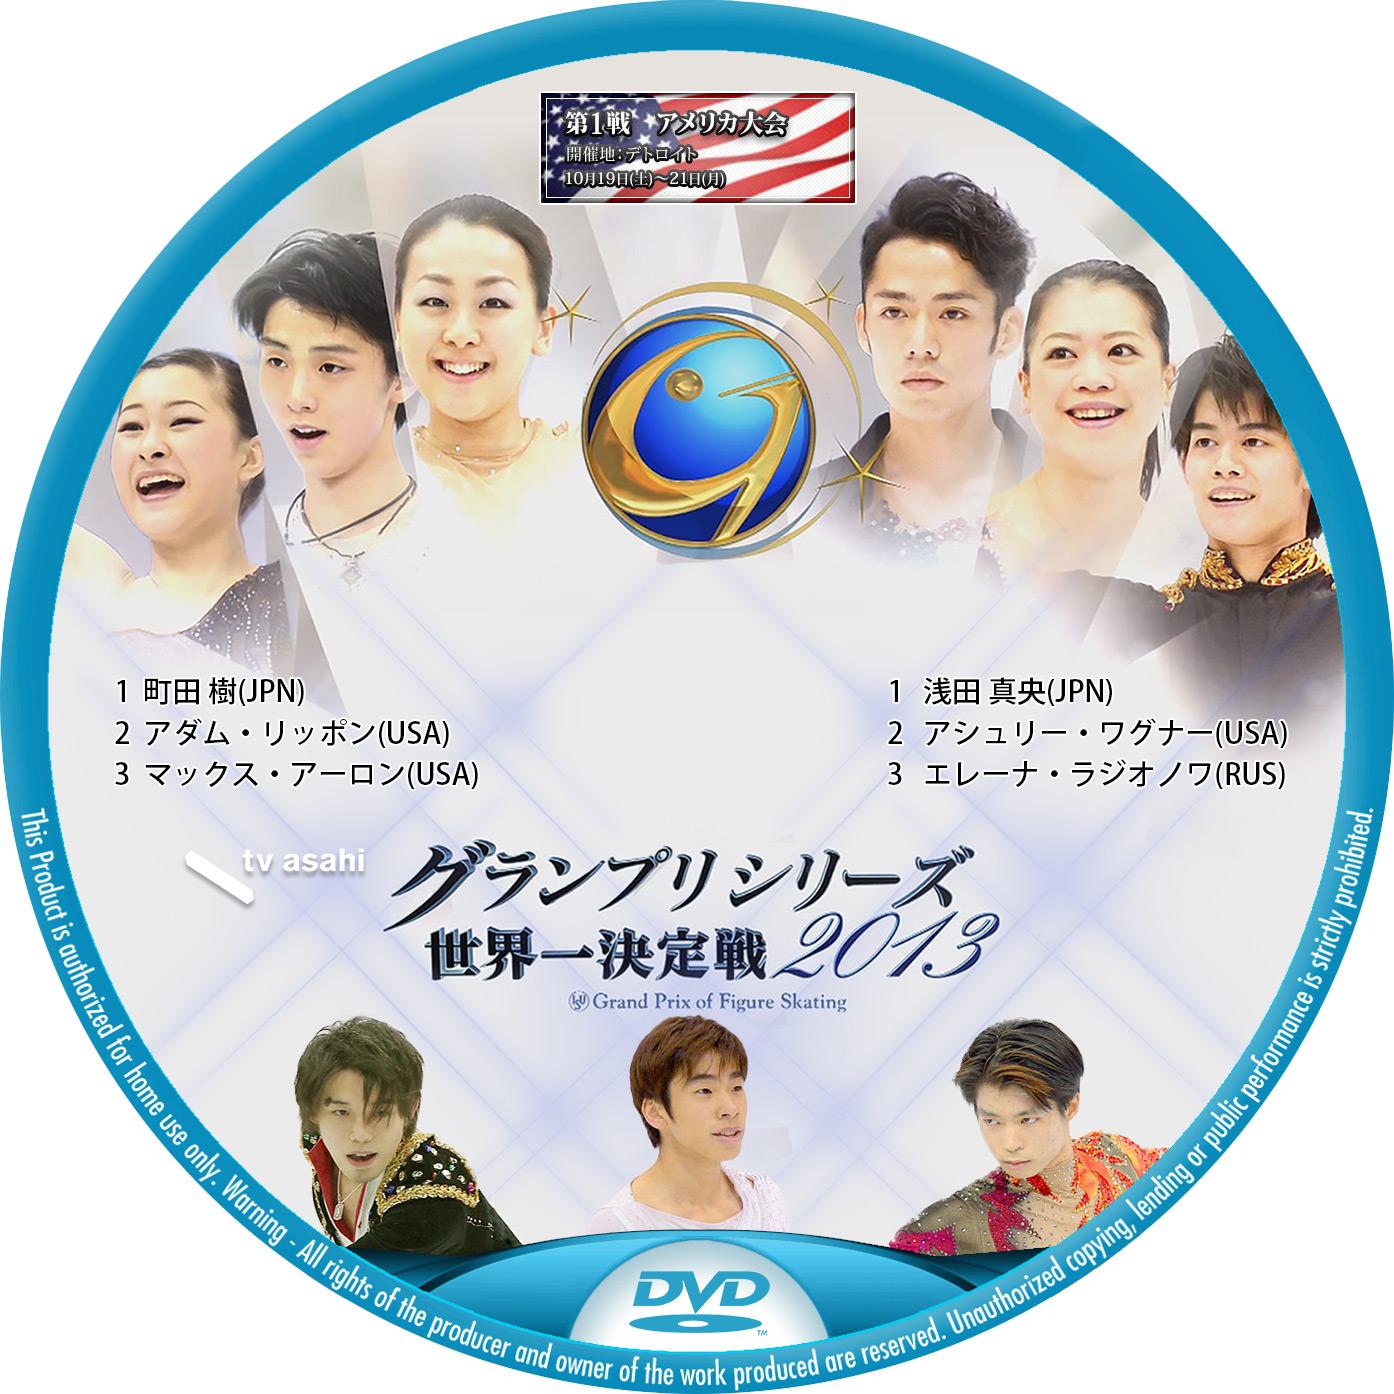 アメリカ大会 DVDラベル